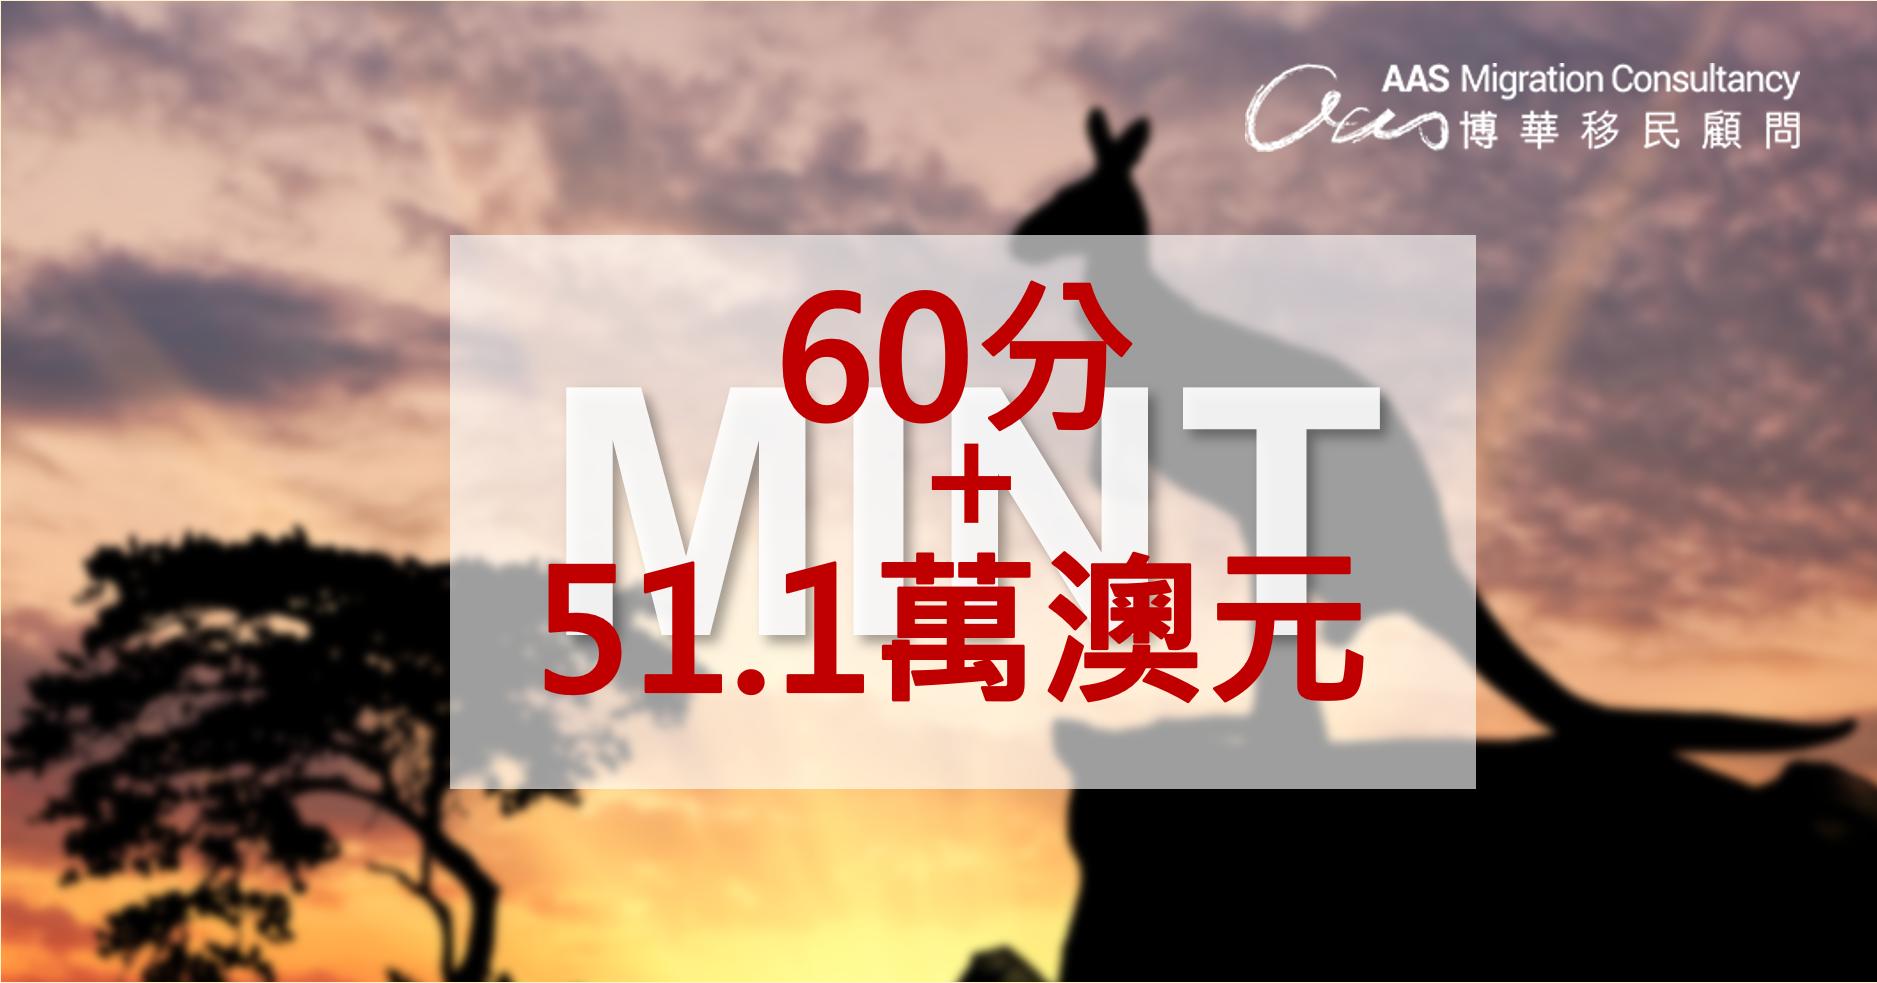 【澳洲北領地MINT移民計劃】60分+投資約300萬港幣